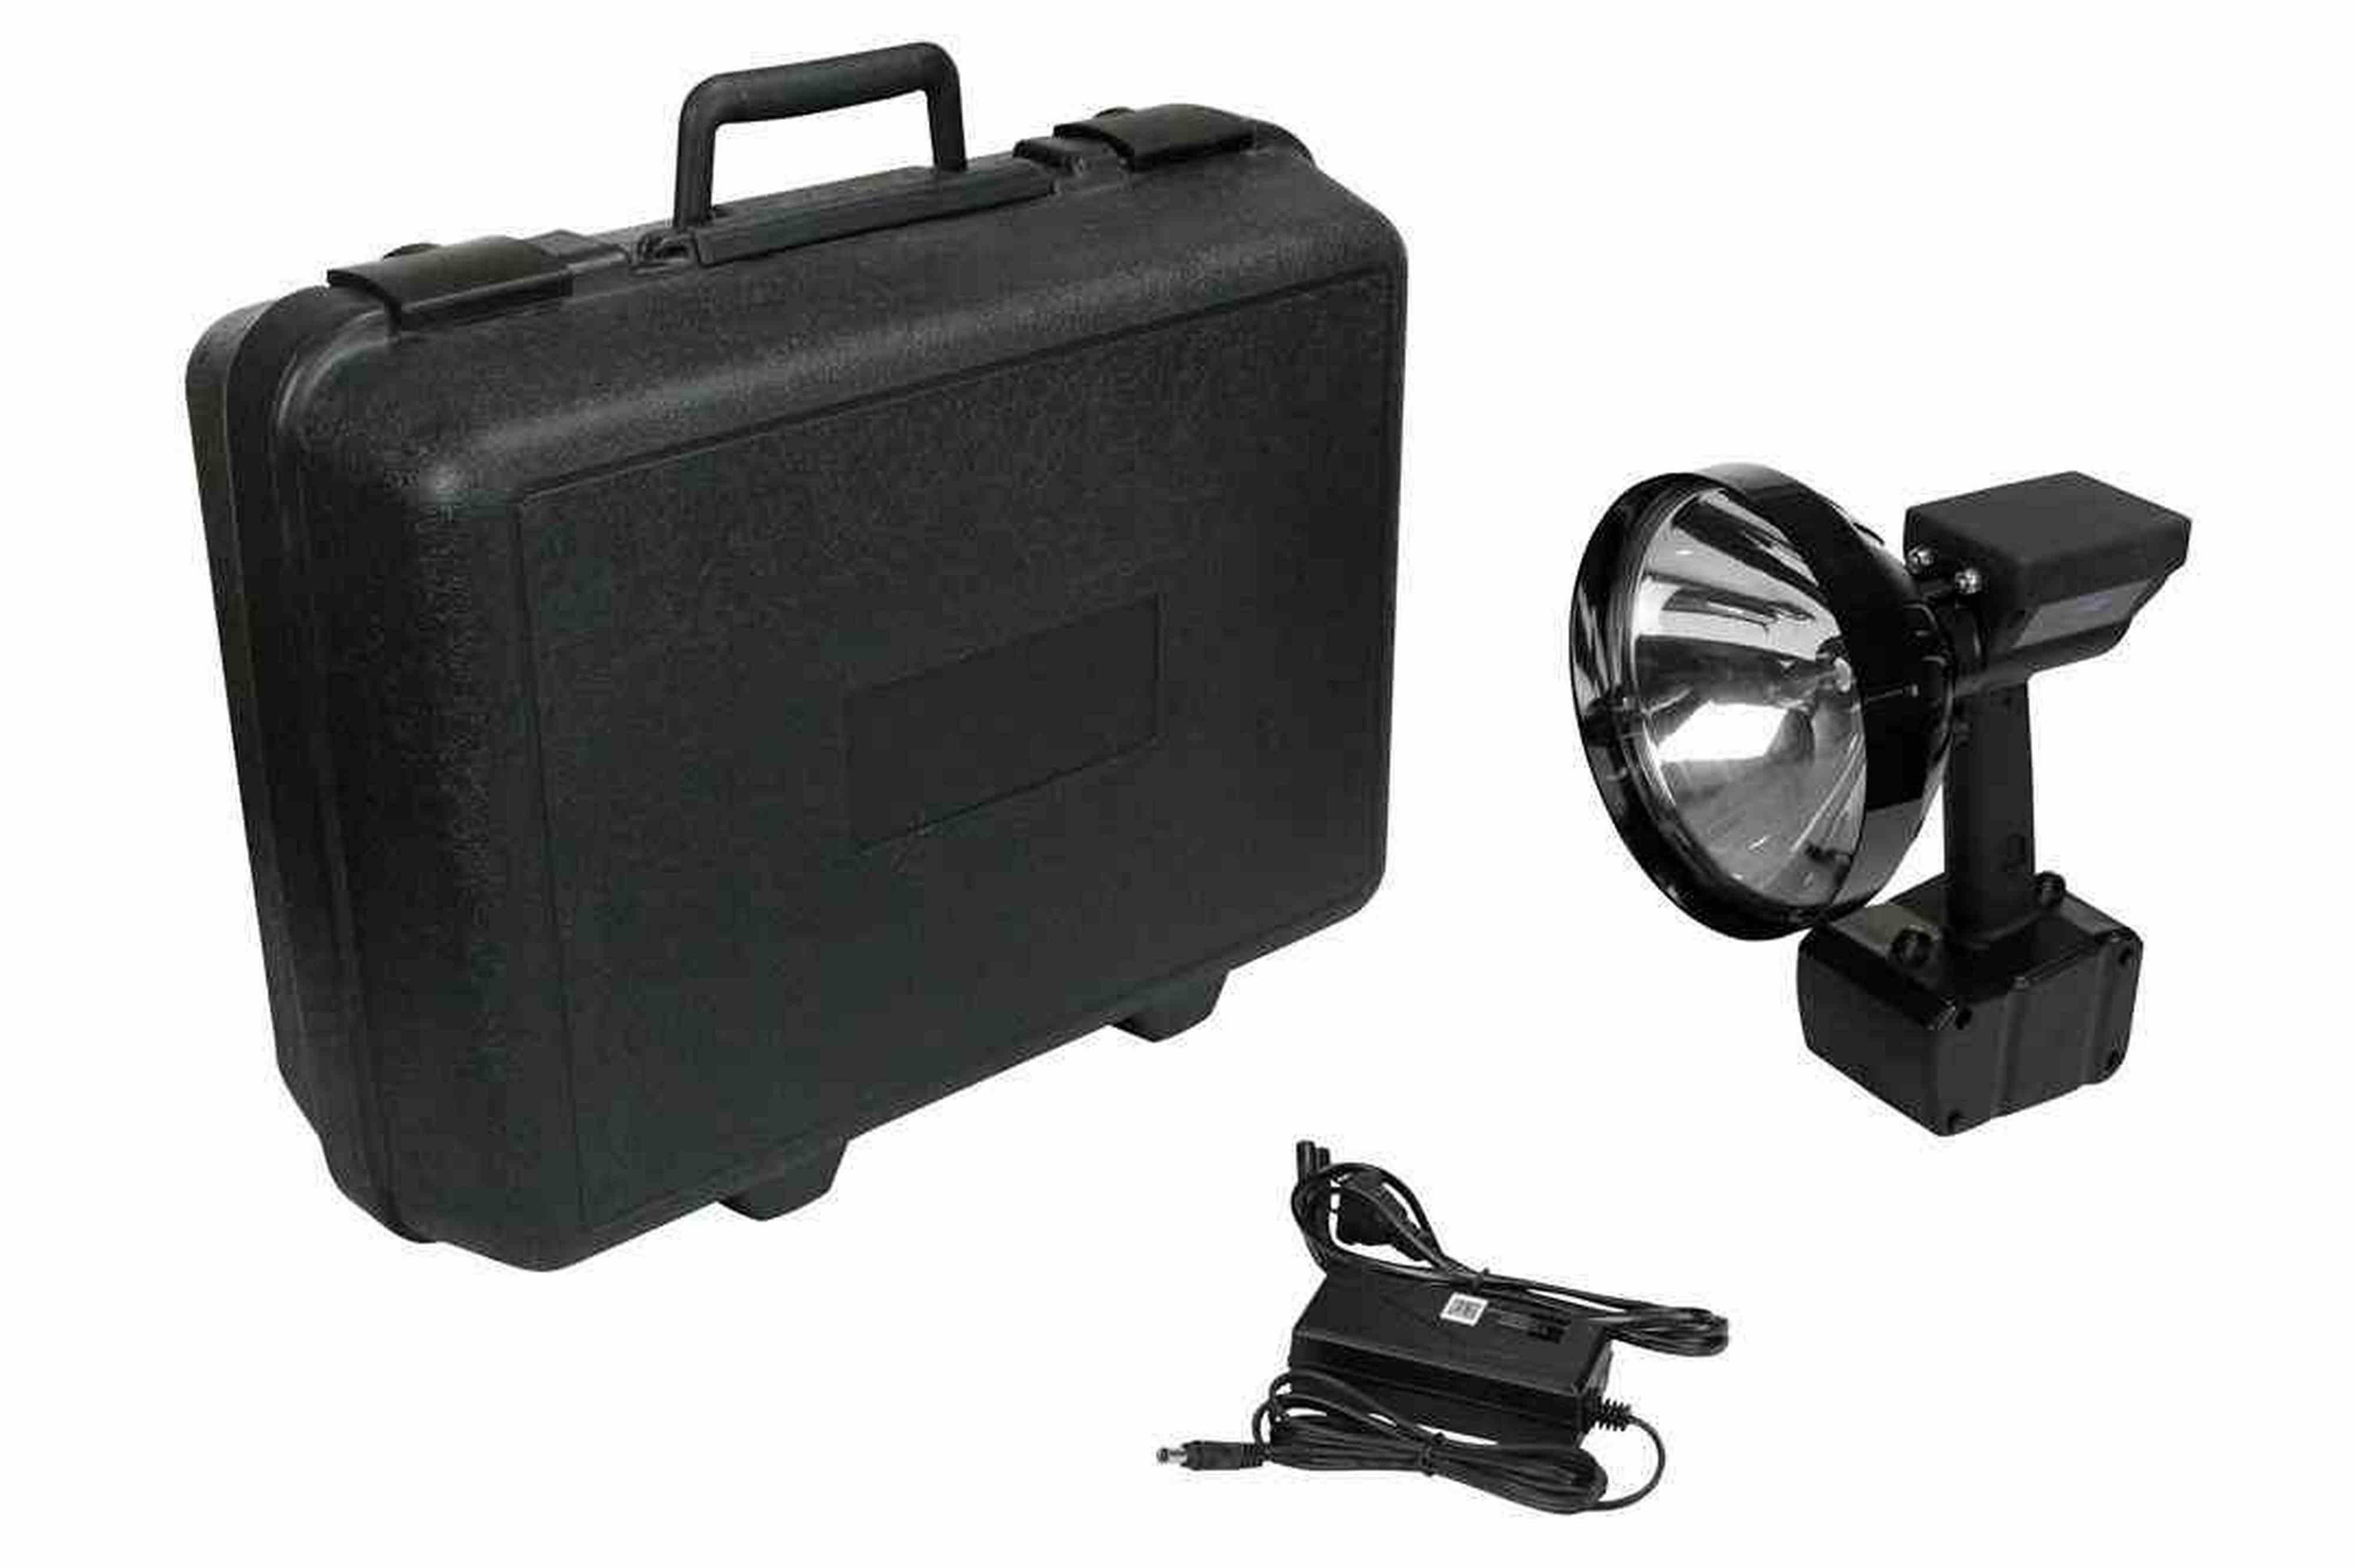 Hard Sided Storage and Transportation Case for HL-85-LED-CPR Handheld Spotlight